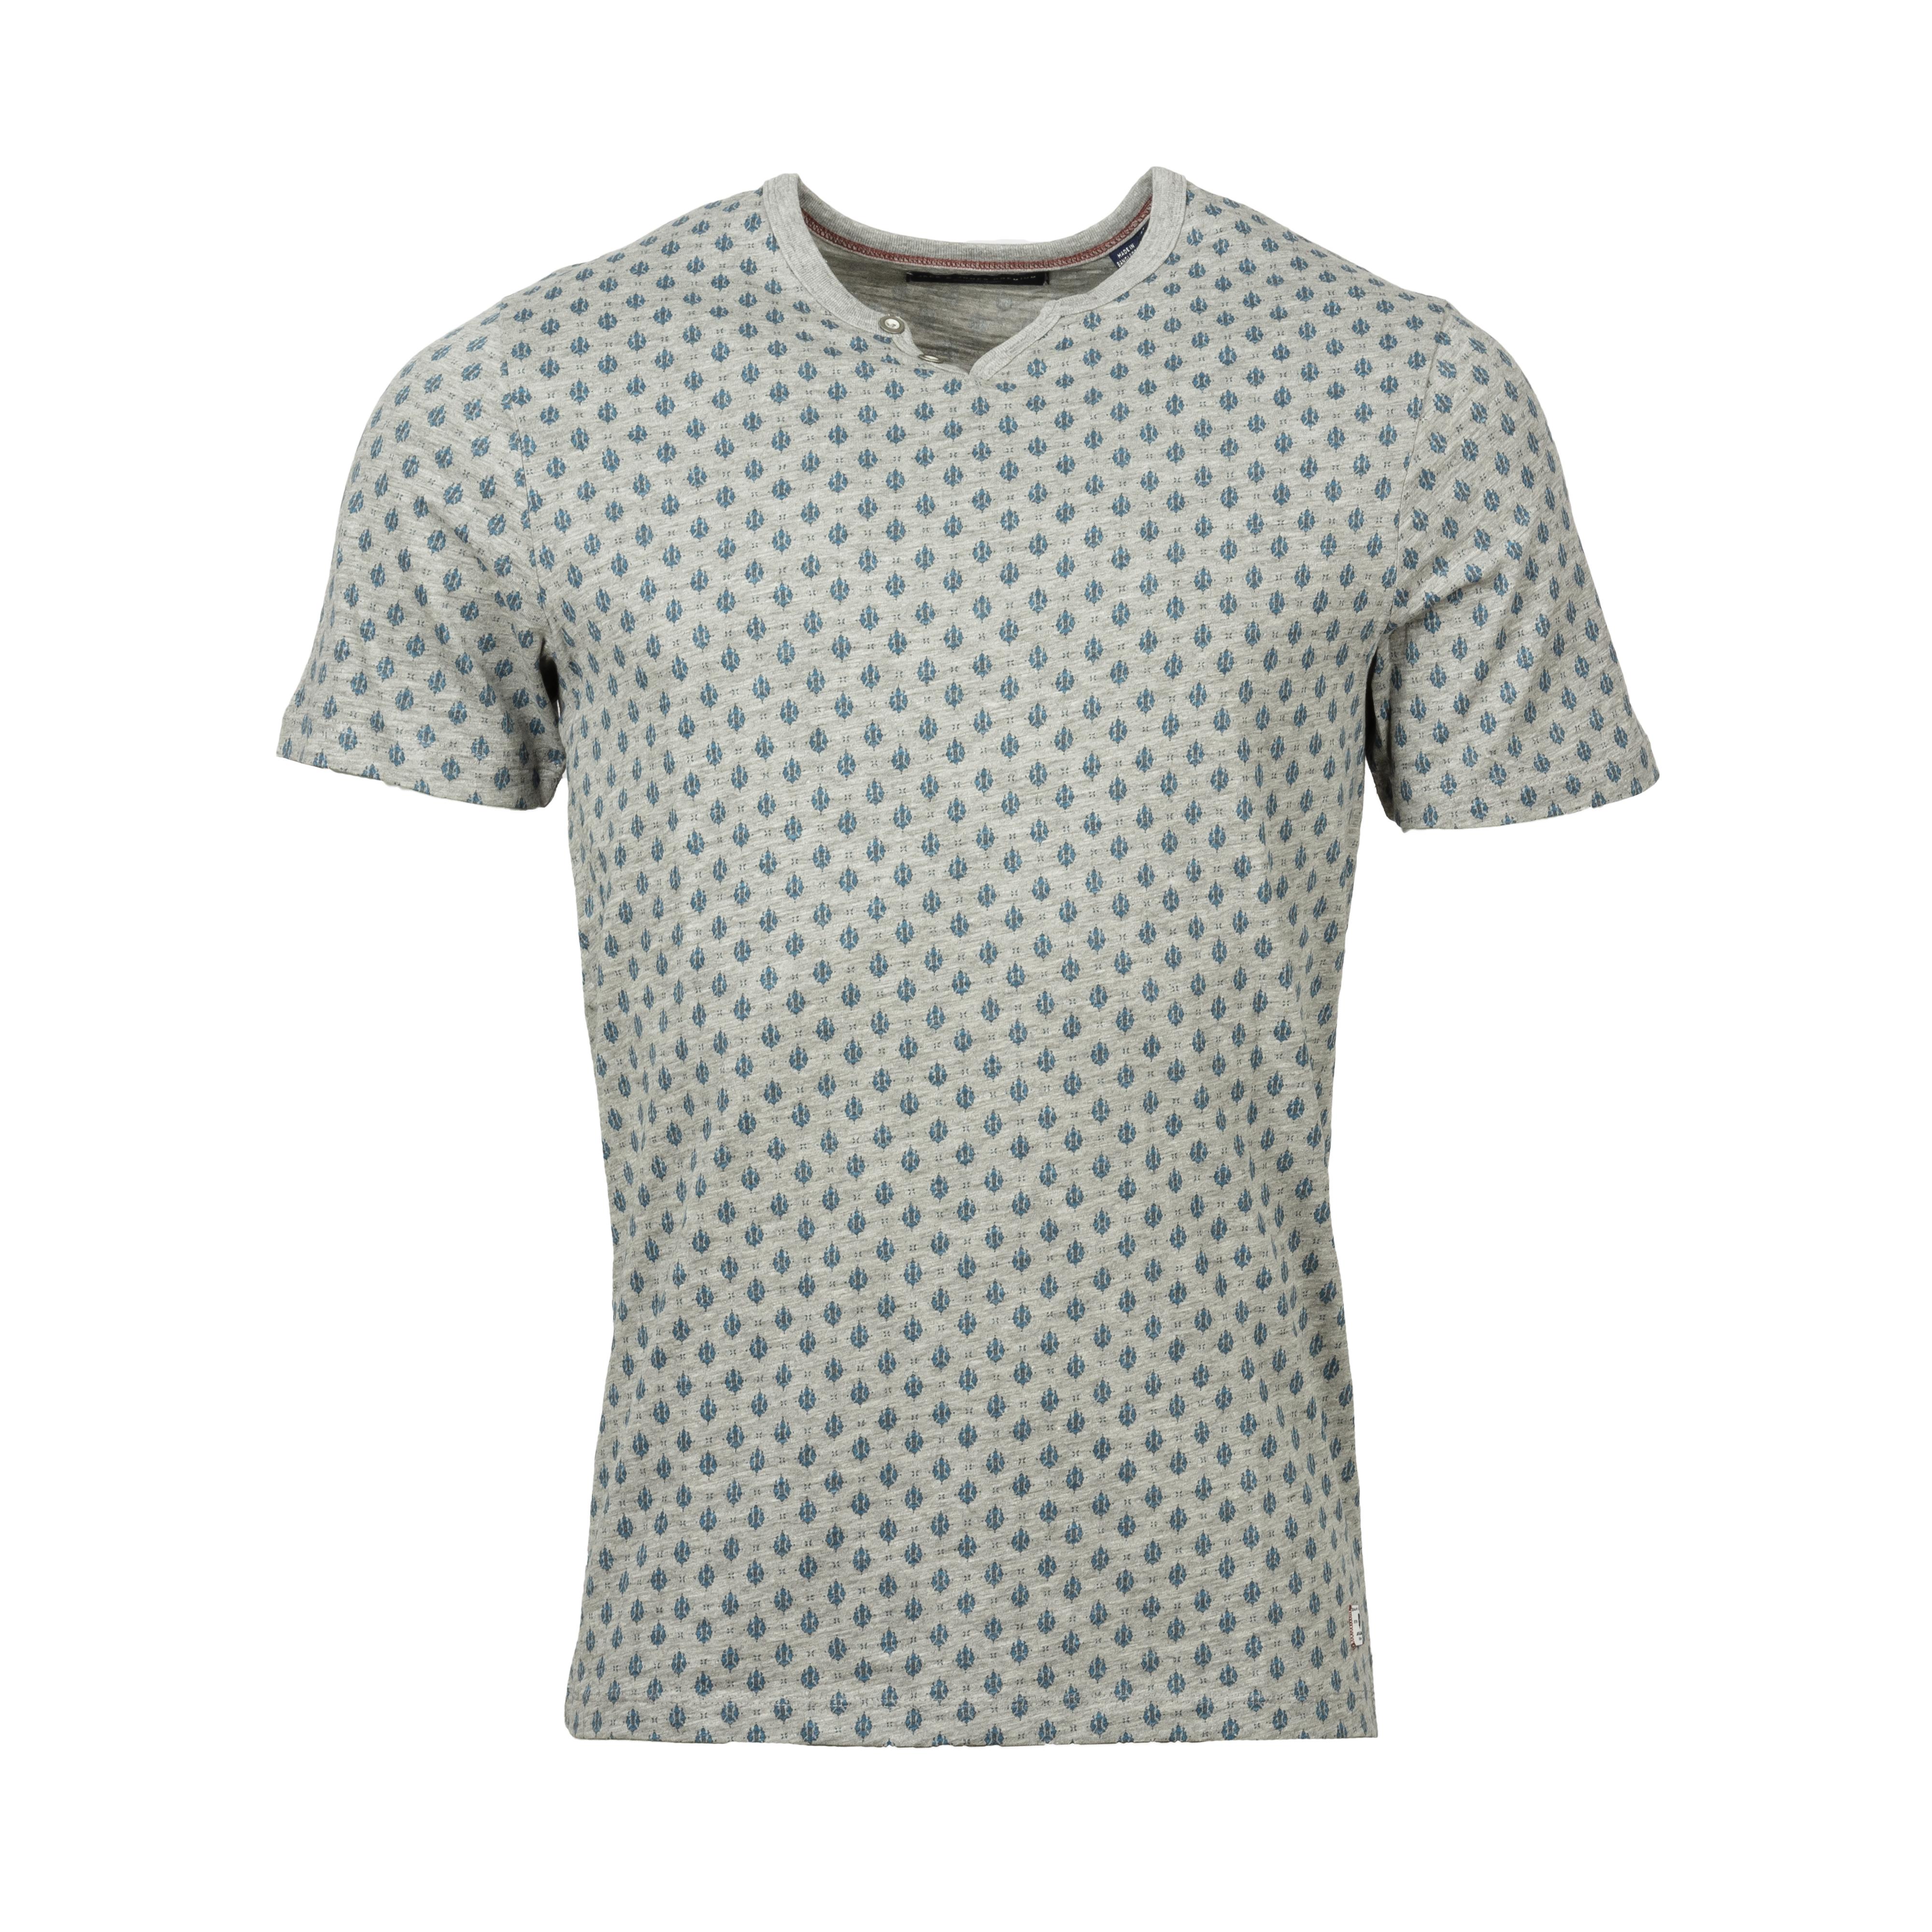 Tee-shirt col tunisien jack & jones en coton mélangé gris à motifs bleus